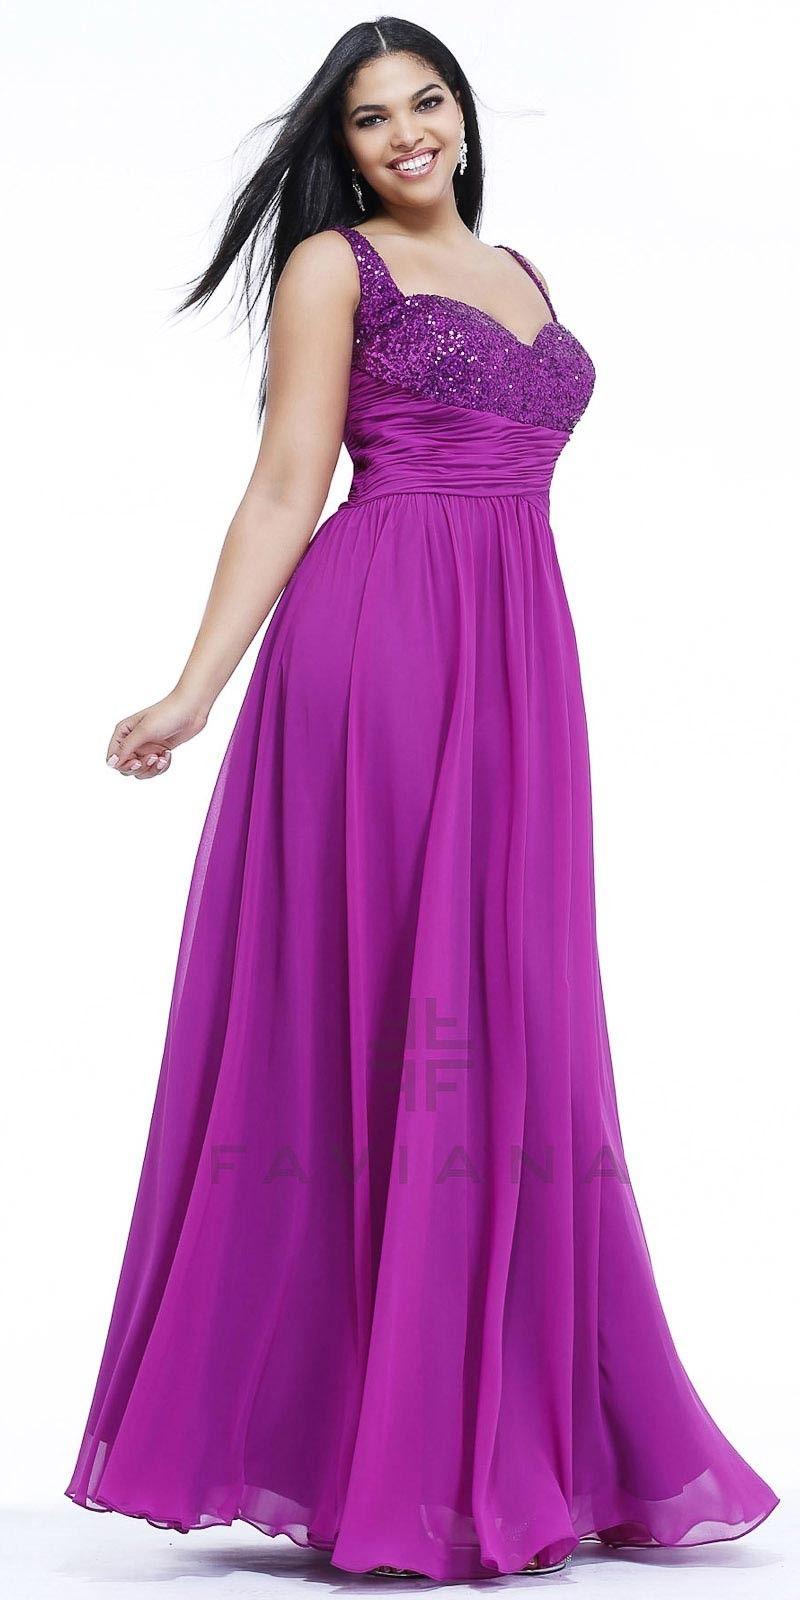 Sequin Ruched Plus Size Evening Dresses | Mode plus | Pinterest ...